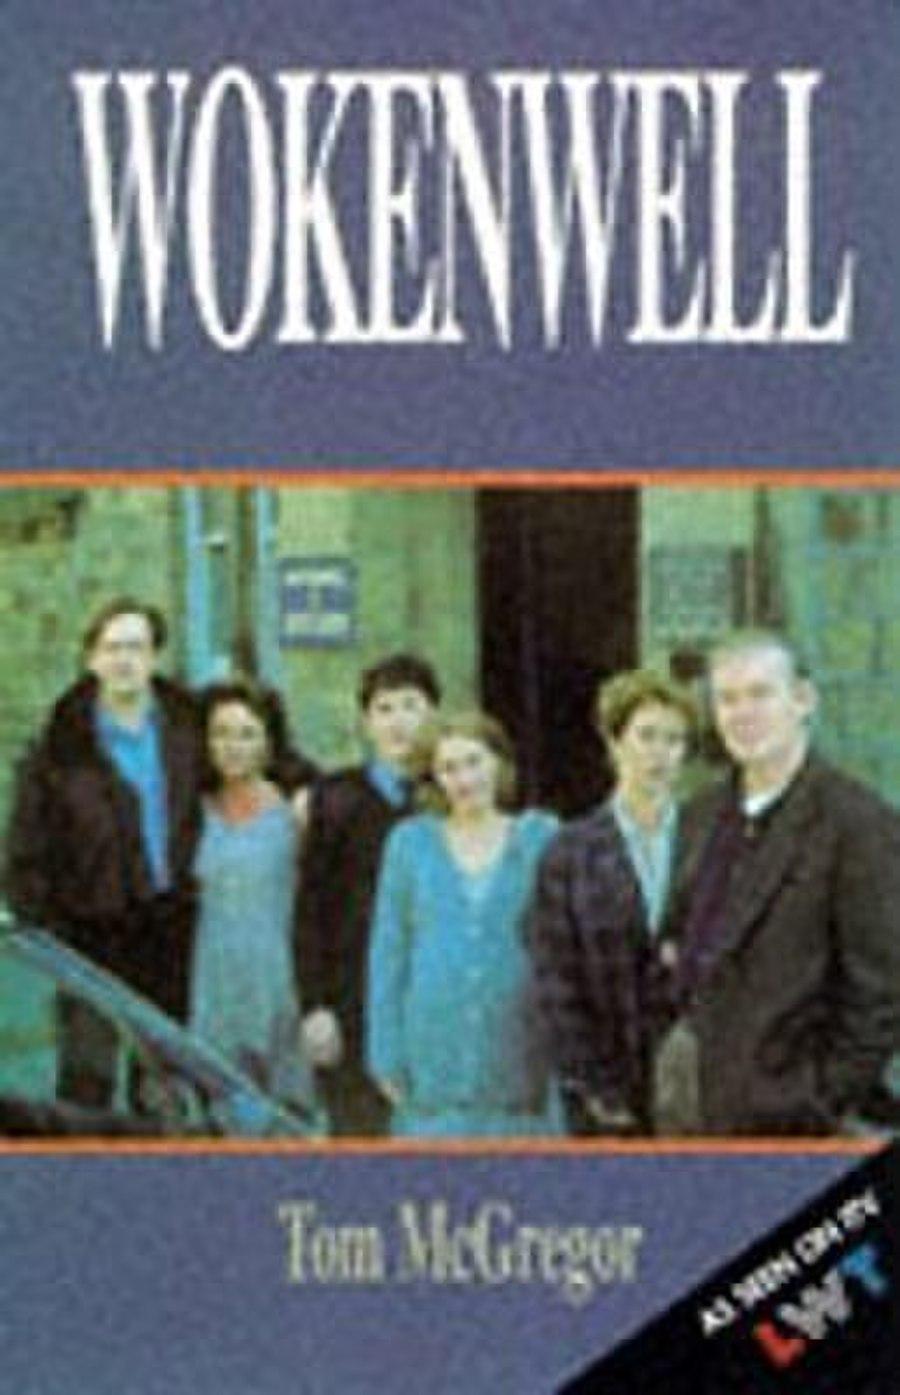 Wokenwell